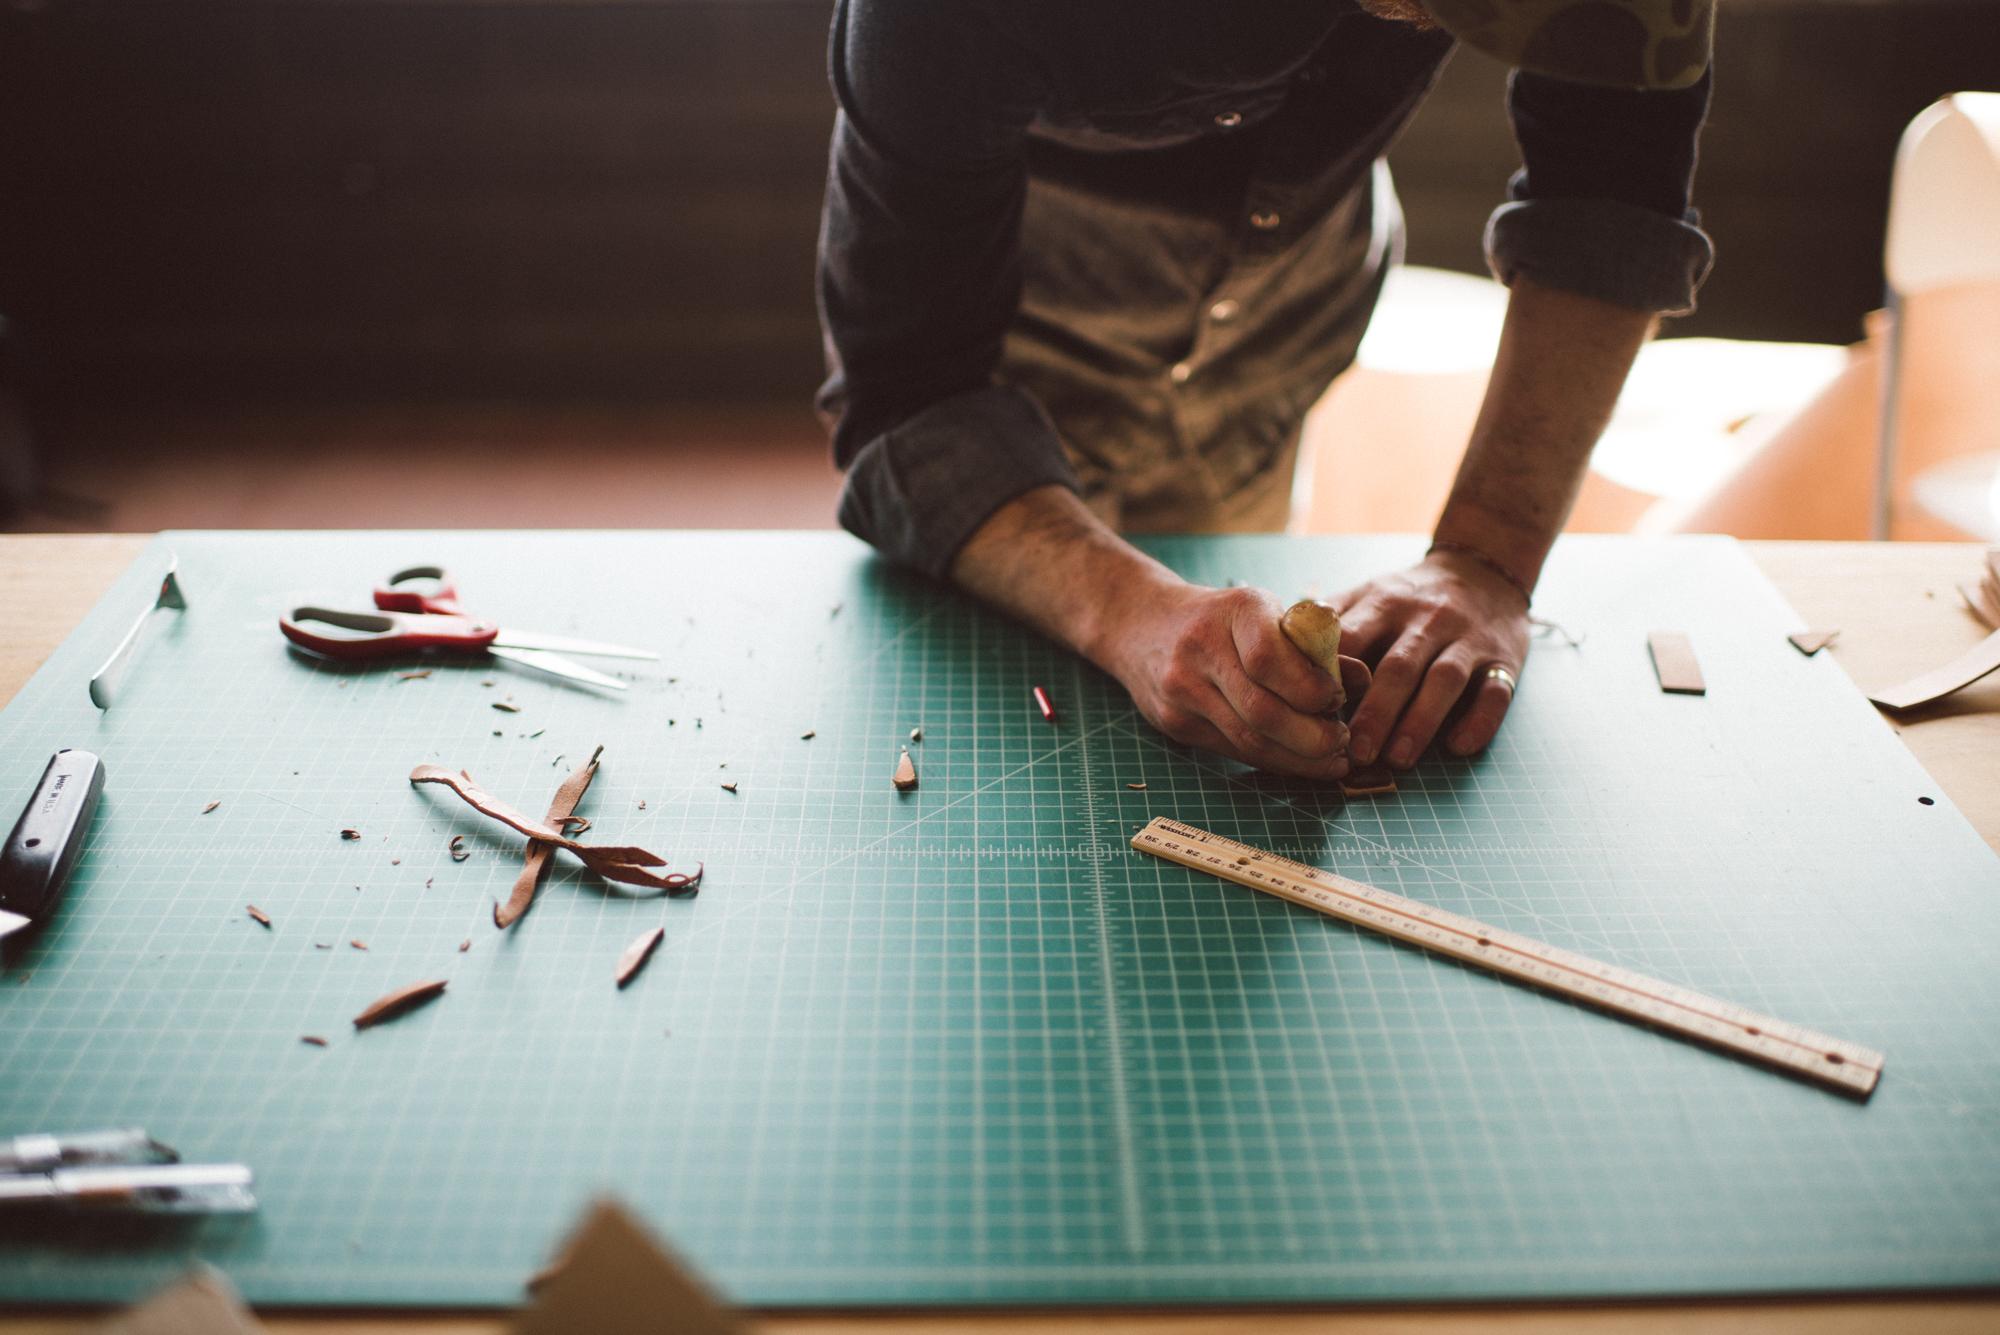 wildcraft_knifemaking-5.jpg